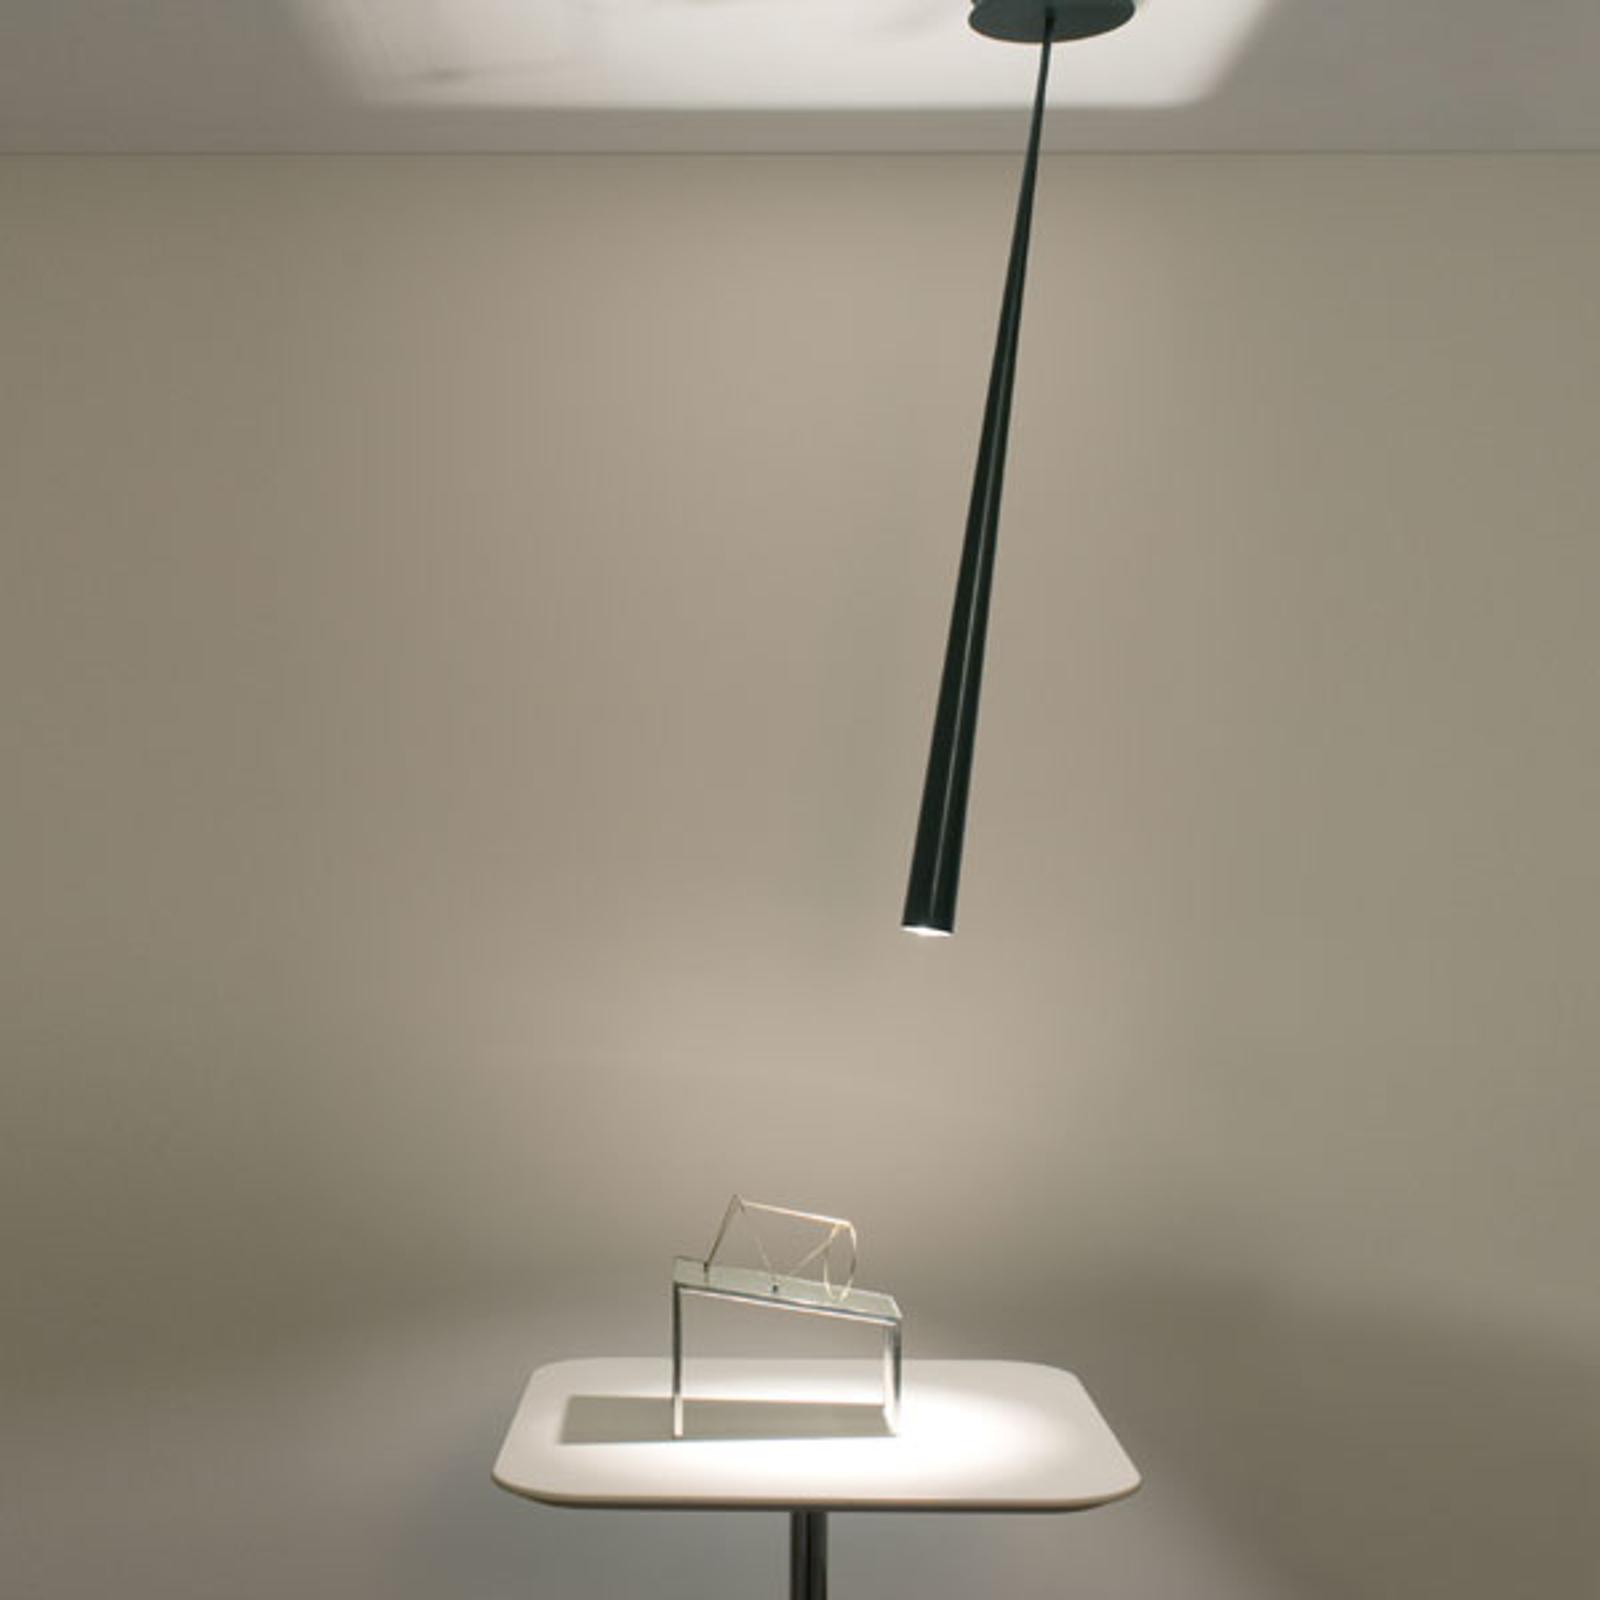 Designer-Hängeleuchte Drink, schwarz, 127 cm